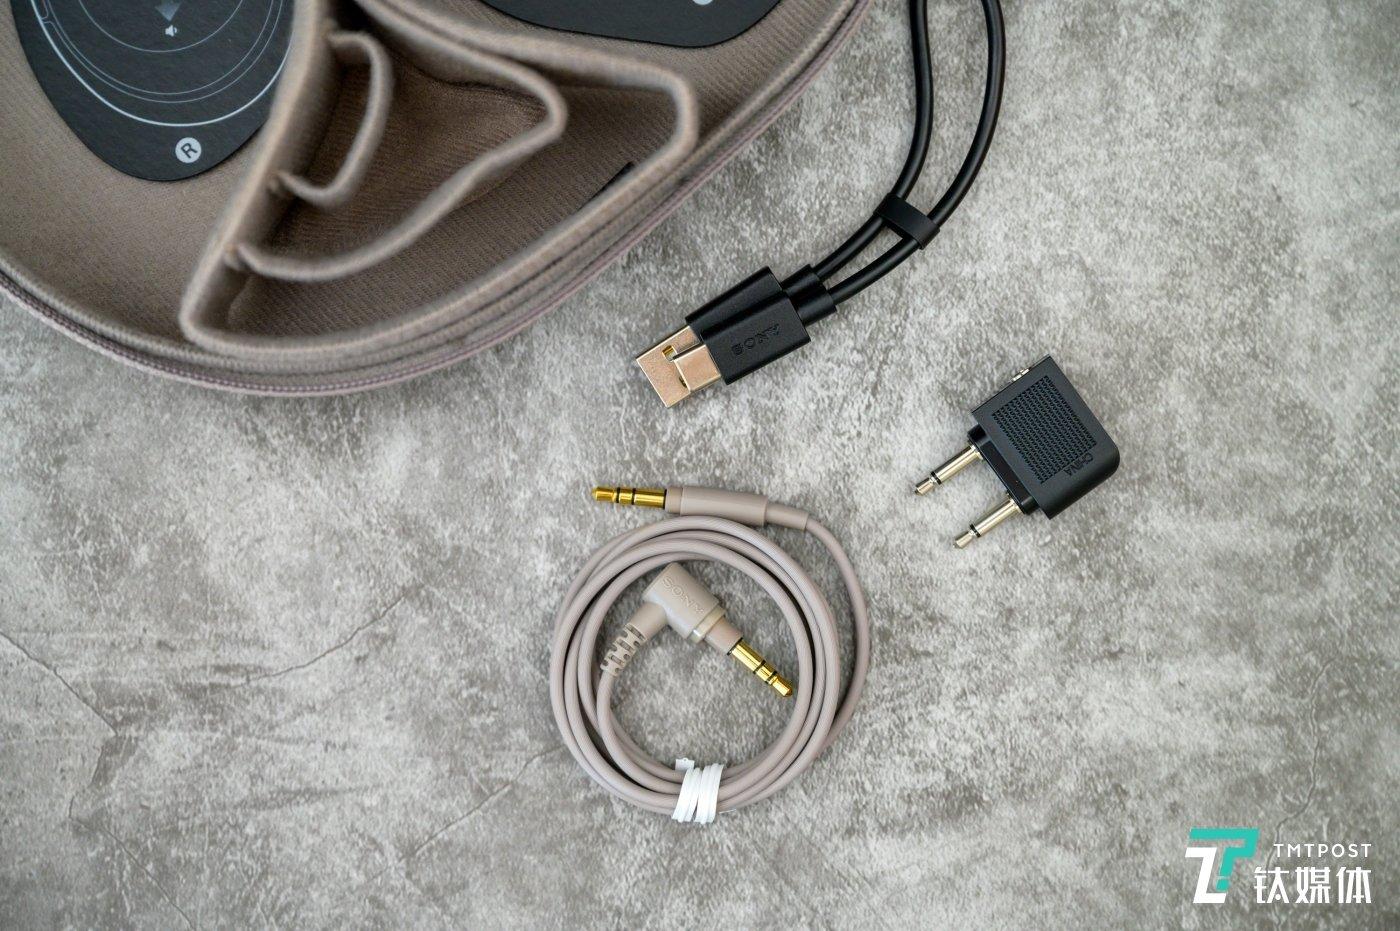 附赠的配件包括3.5mm连接线,依然可以通过有线连接带来更好音质